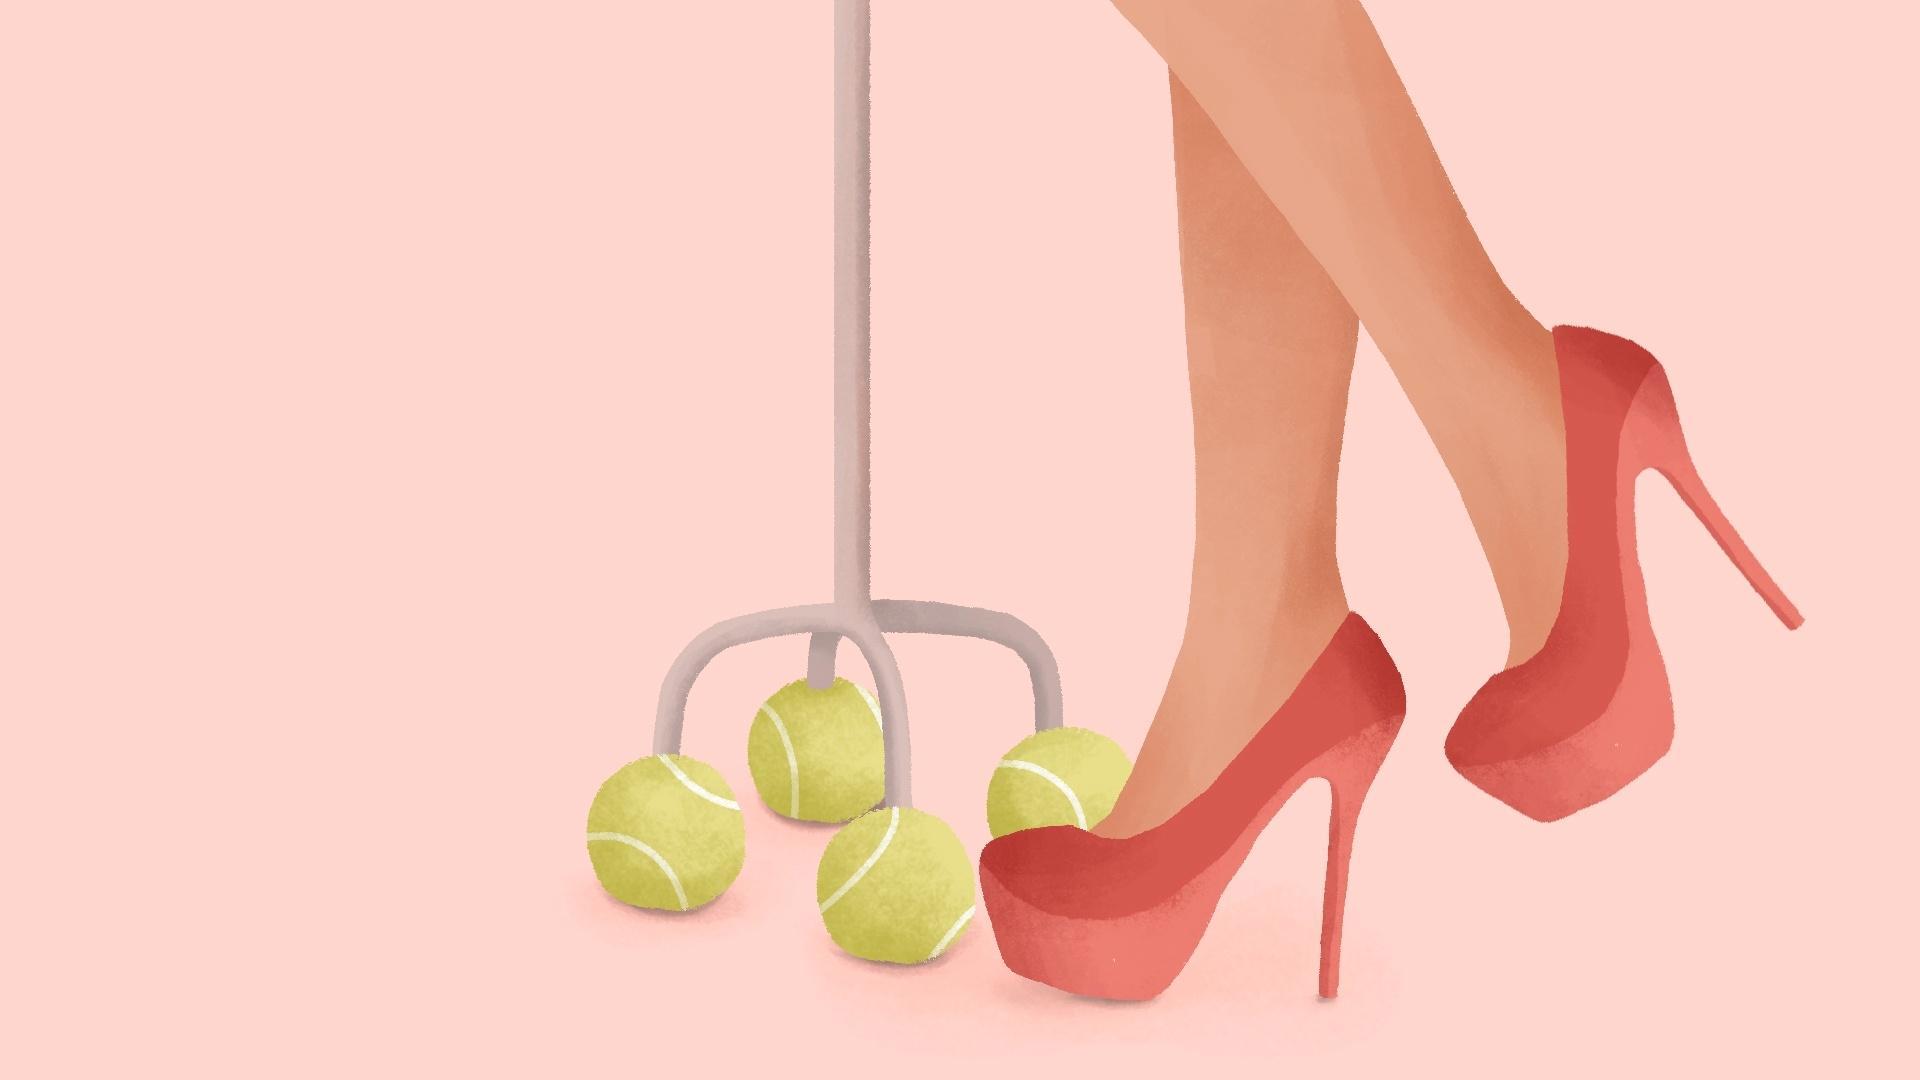 be0fa0bca Usar salto alto prejudica a coluna e causa dor nas costas? - 05/06/2019 -  UOL VivaBem